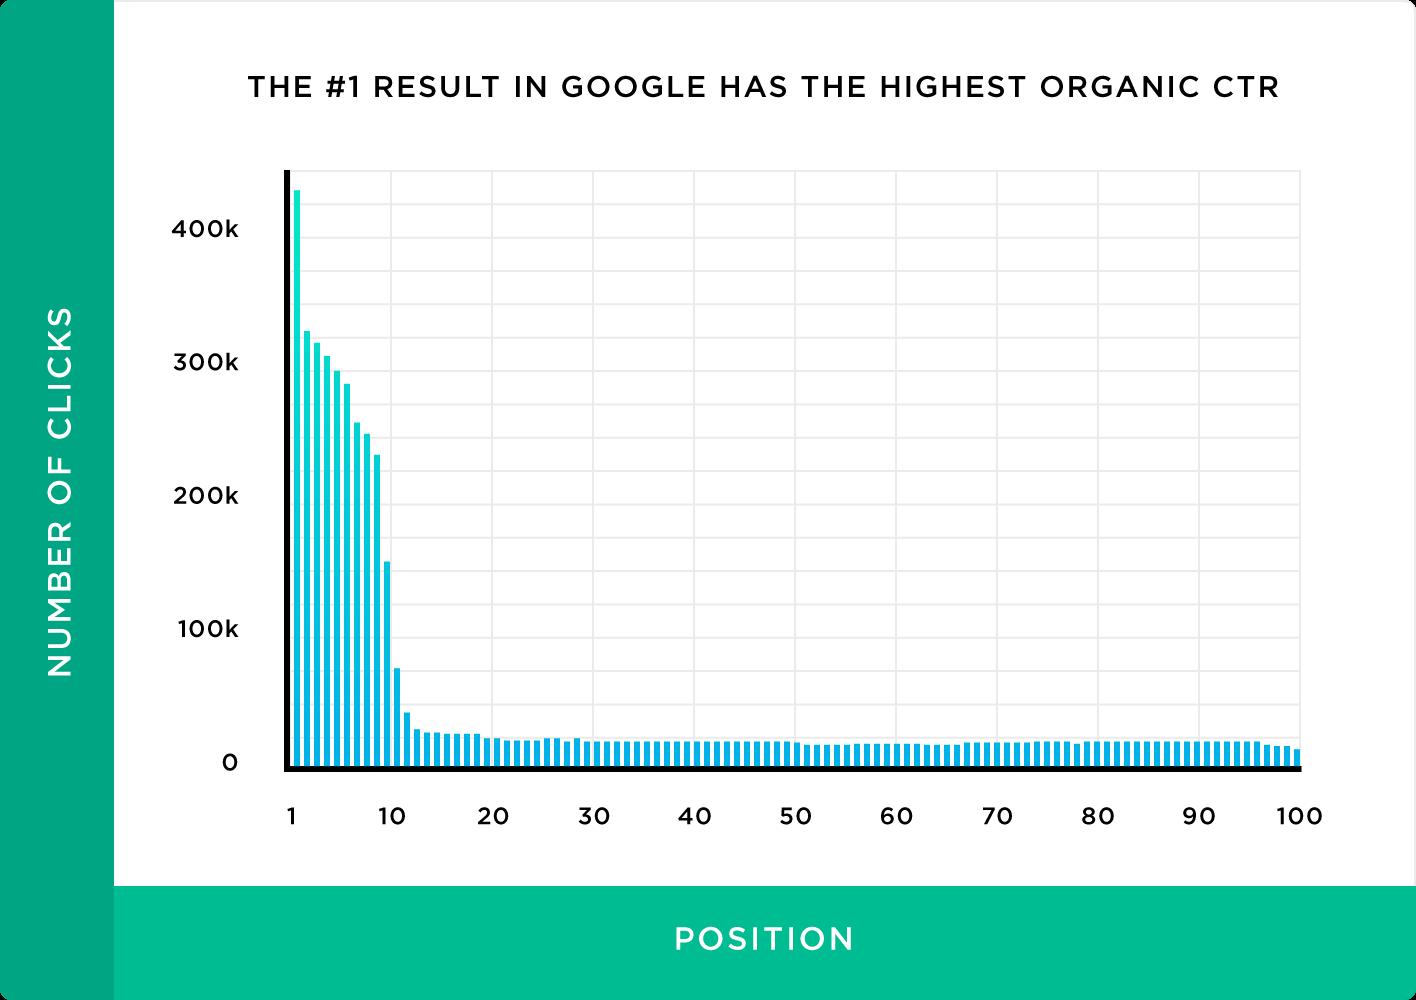 歌排名第一的结果占全部点击次数的31.7%